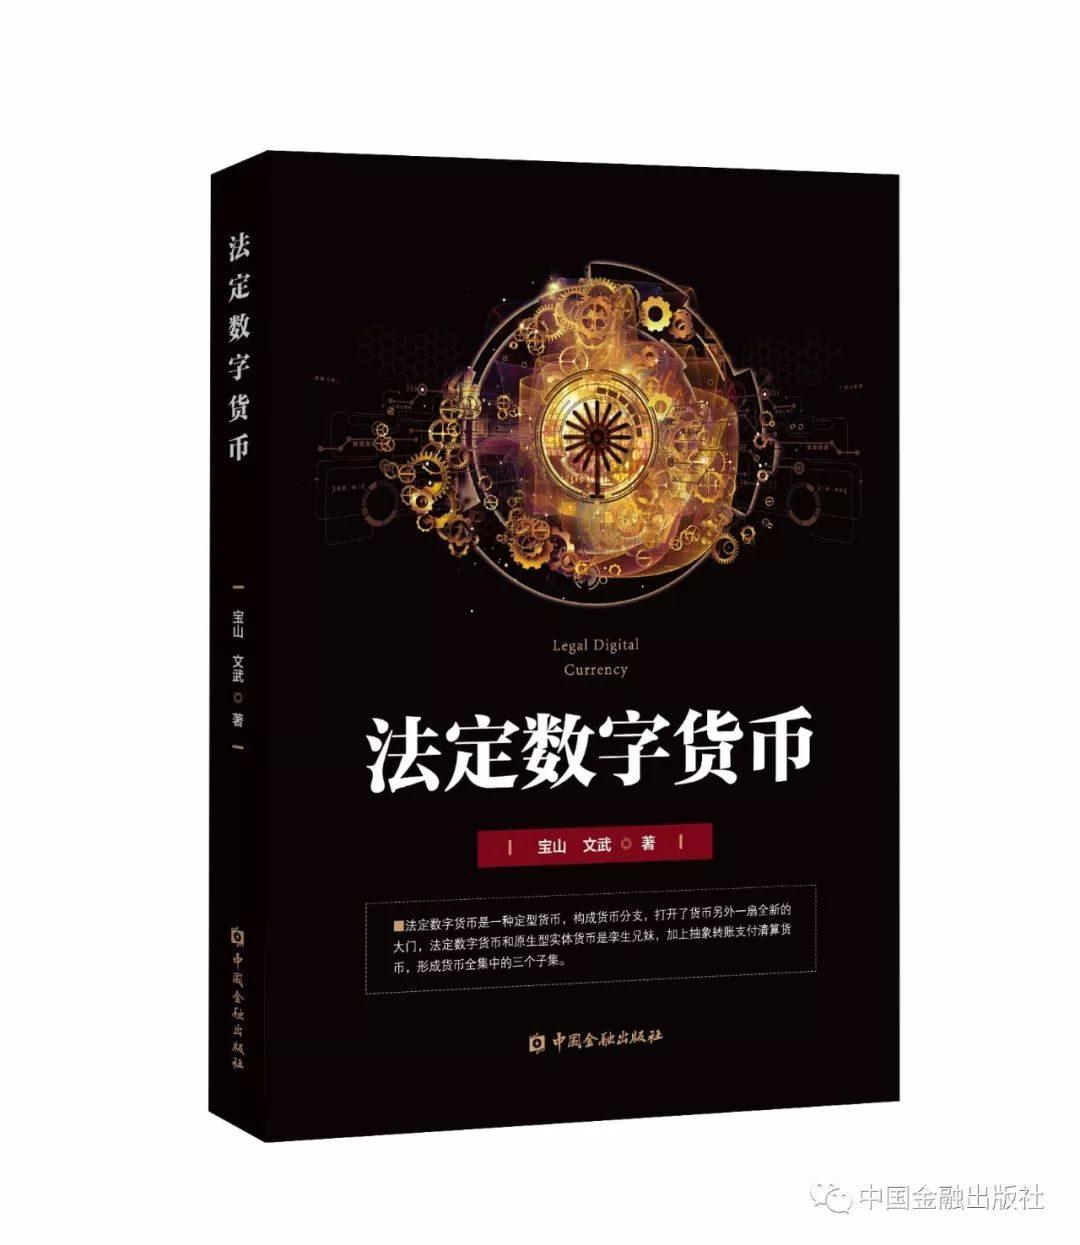 【新书快报】法定数字货币